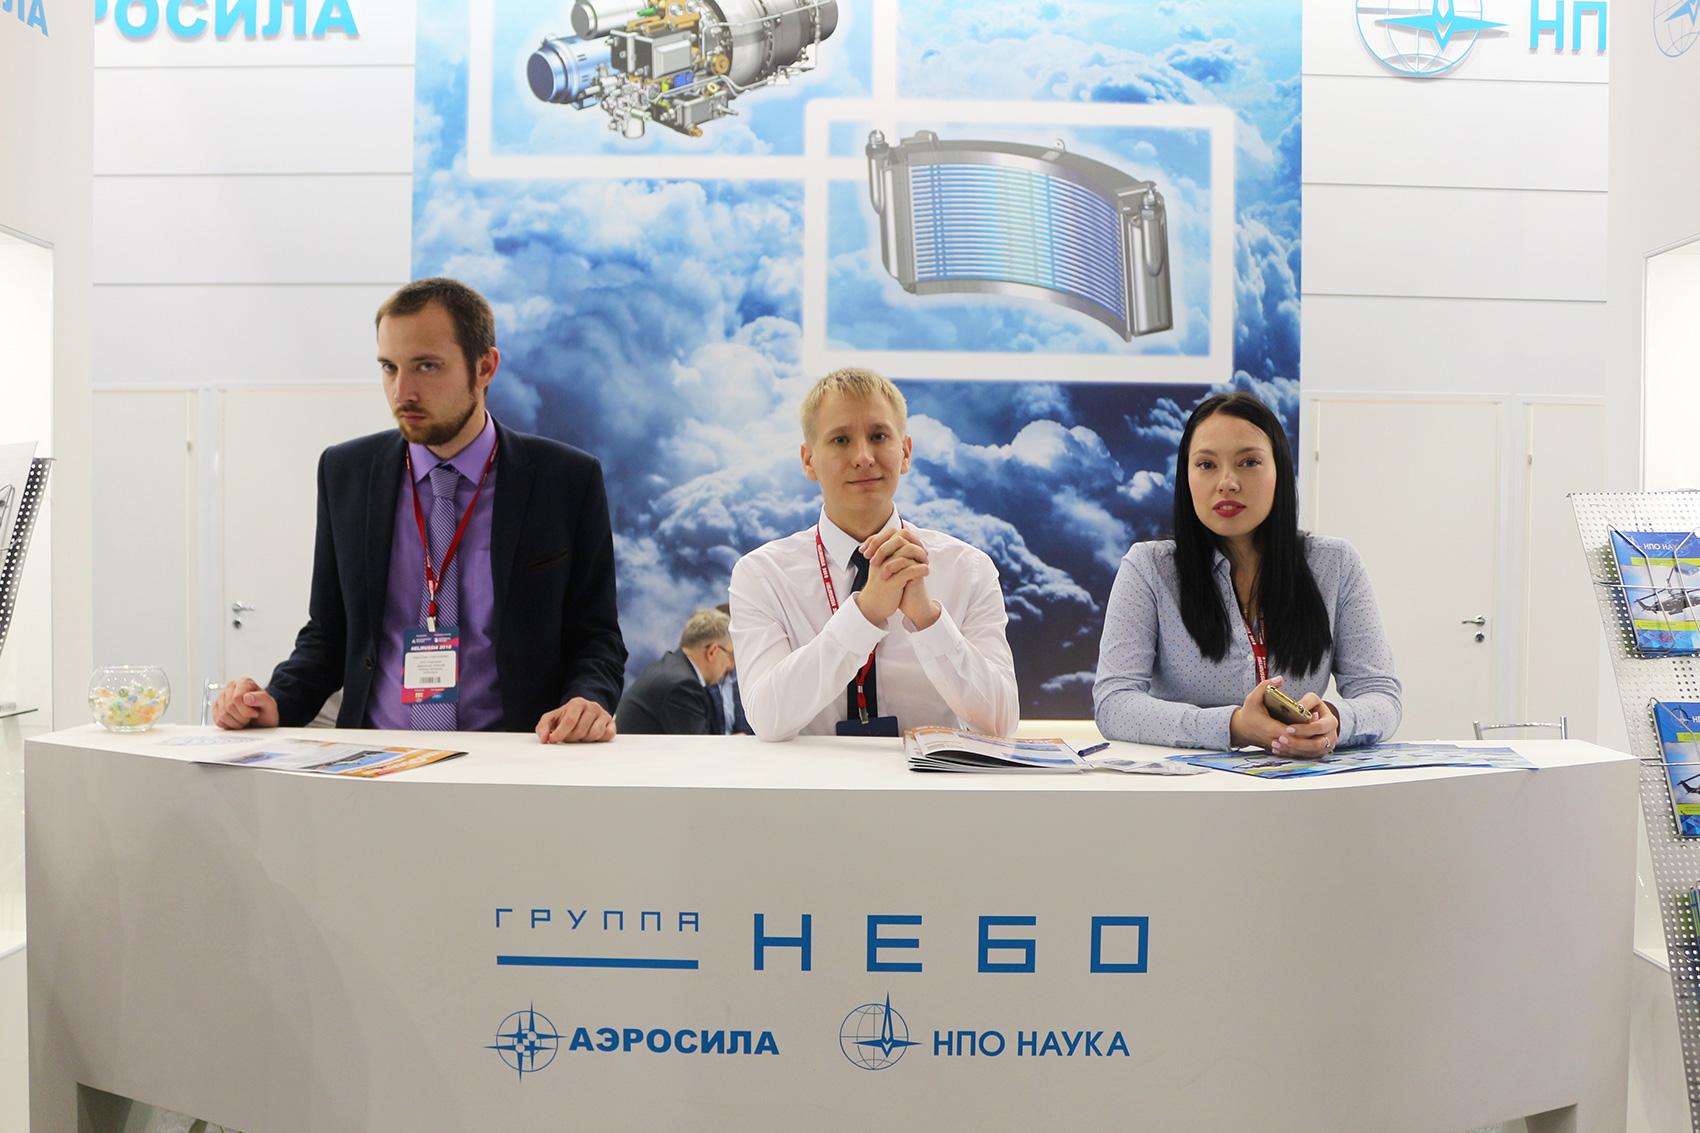 Совместная экспозиция НПО «Наука» и НПП «Аэросила» на международной выставке вертолетной индустрии HeliRussia 2018.